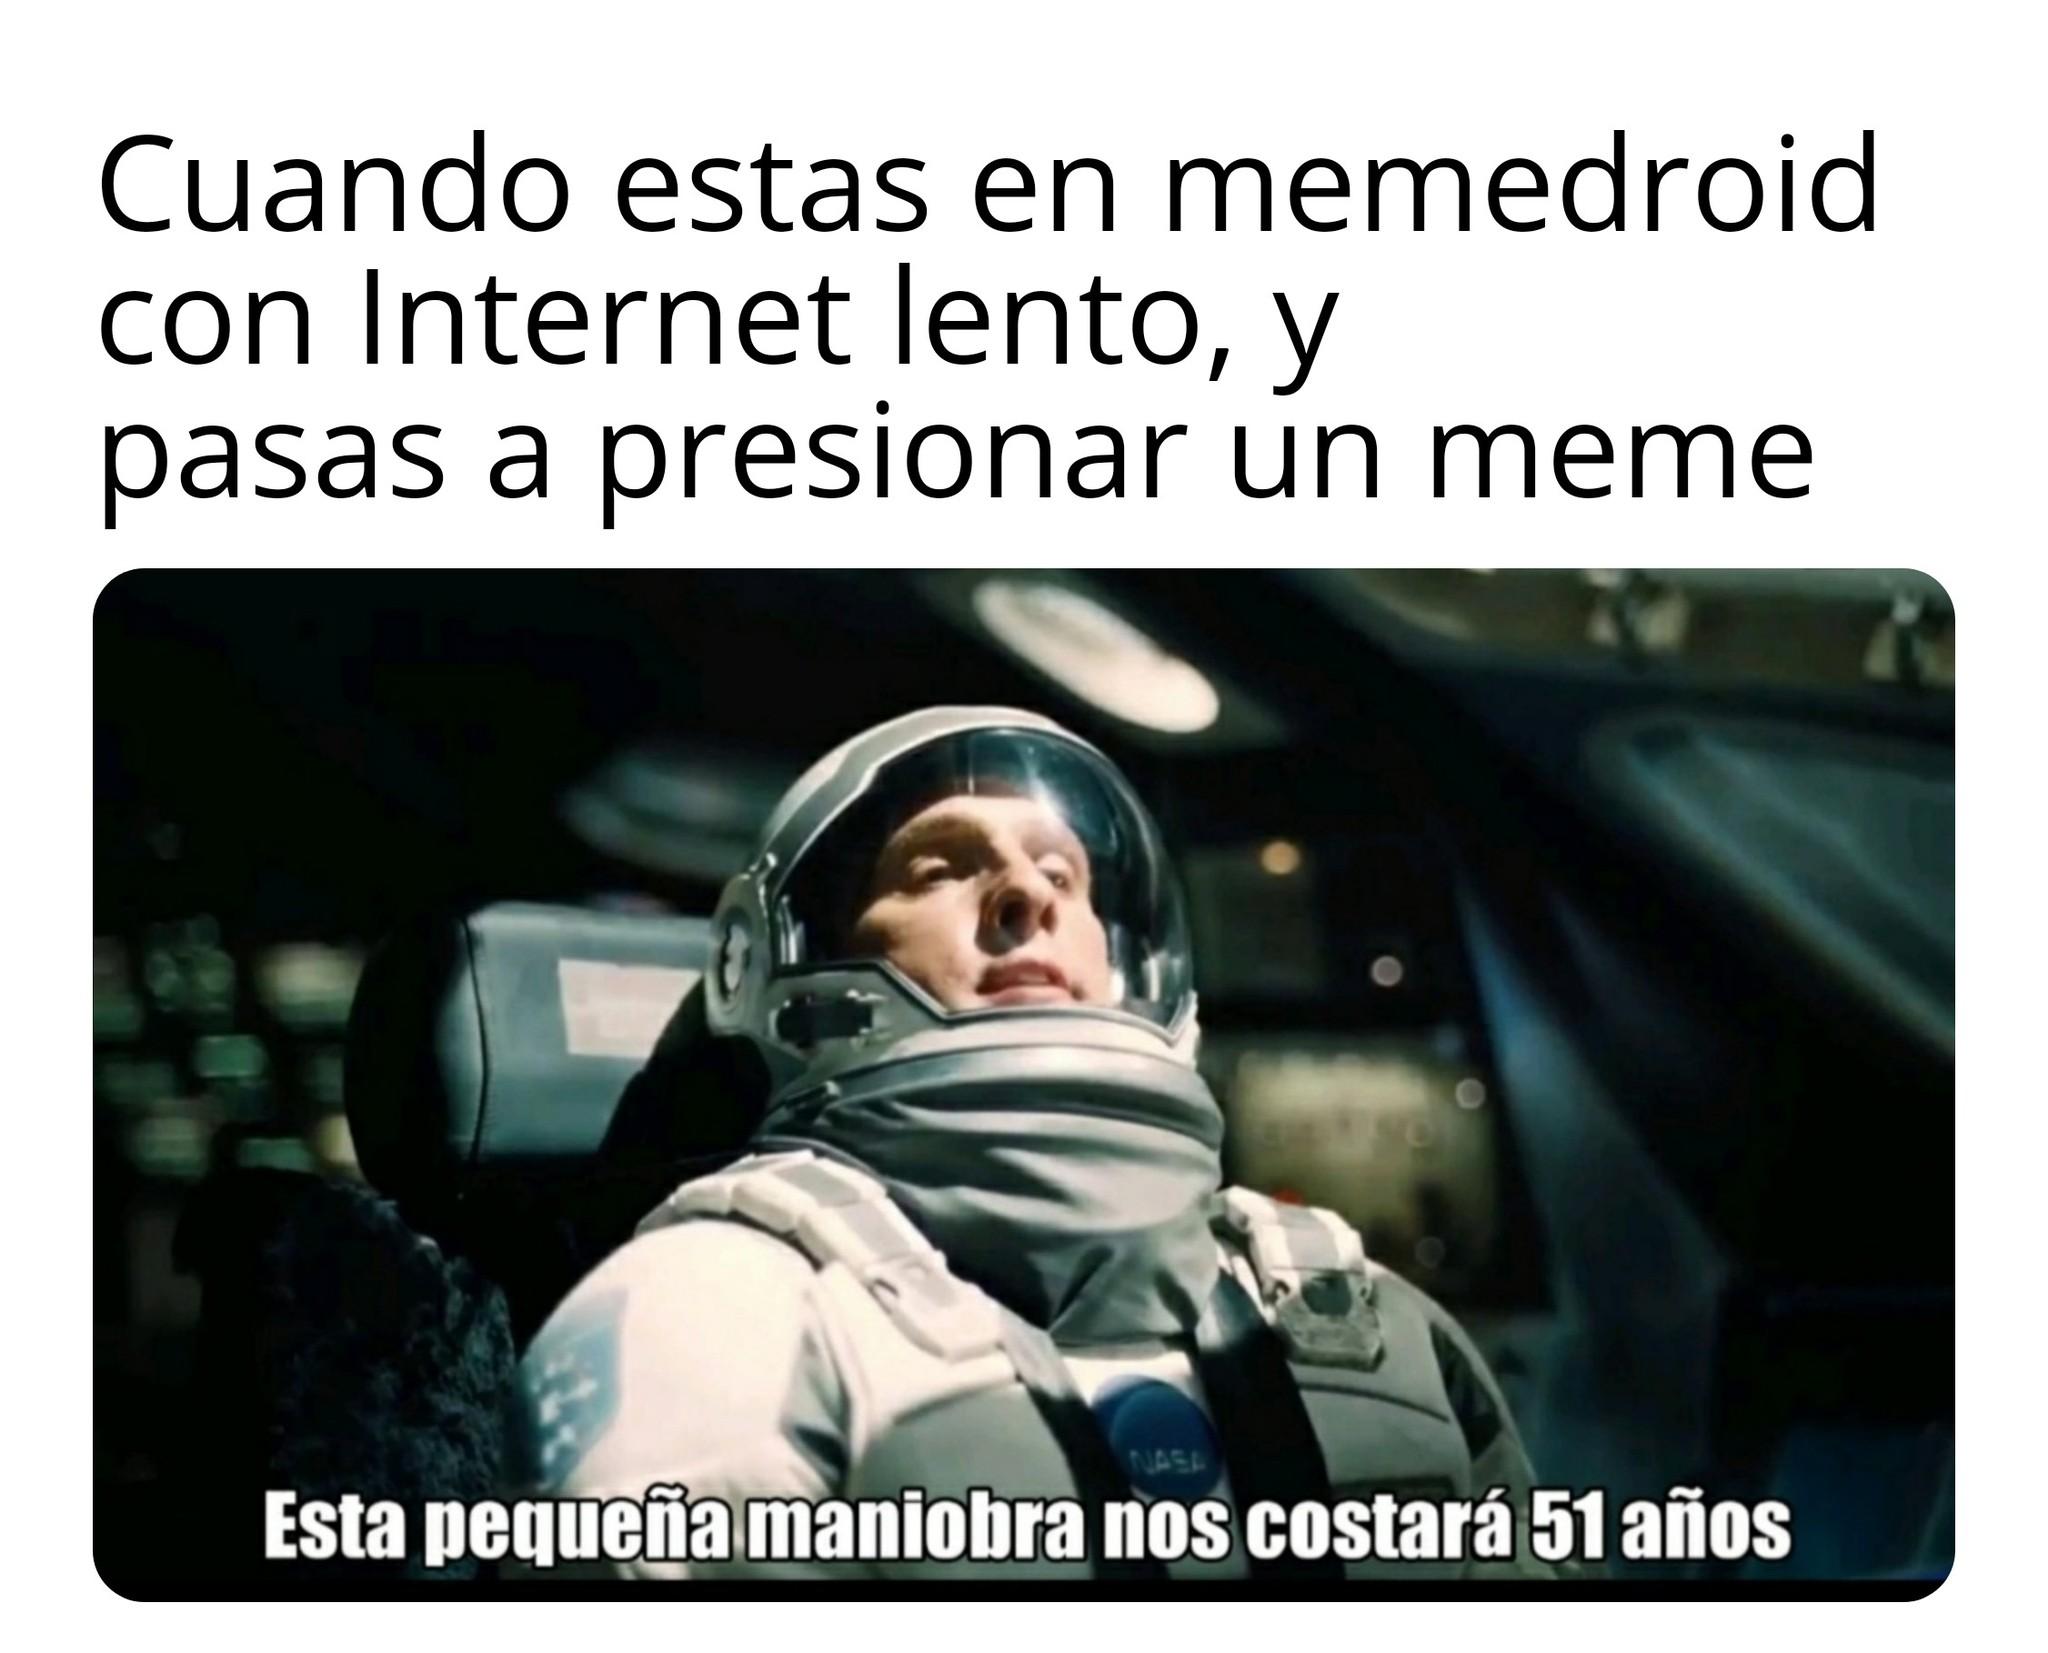 Malardo el meme